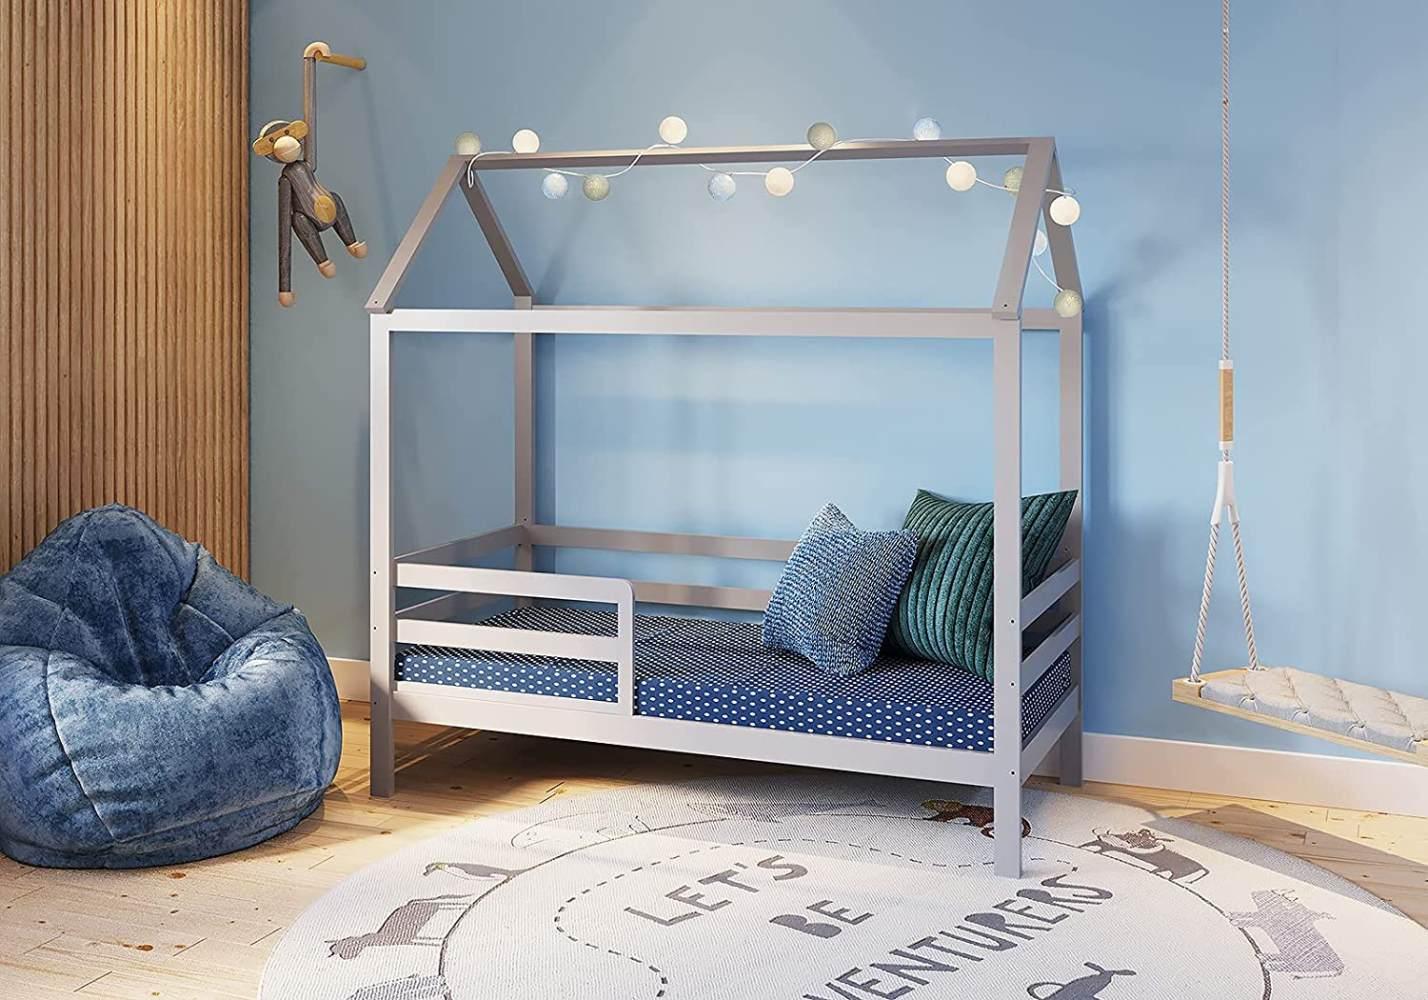 FabiMax 'Schlummerhaus' Kinderbett, 80 x 160 cm, grau, Kiefer massiv, mit Matratze Classic Bild 1